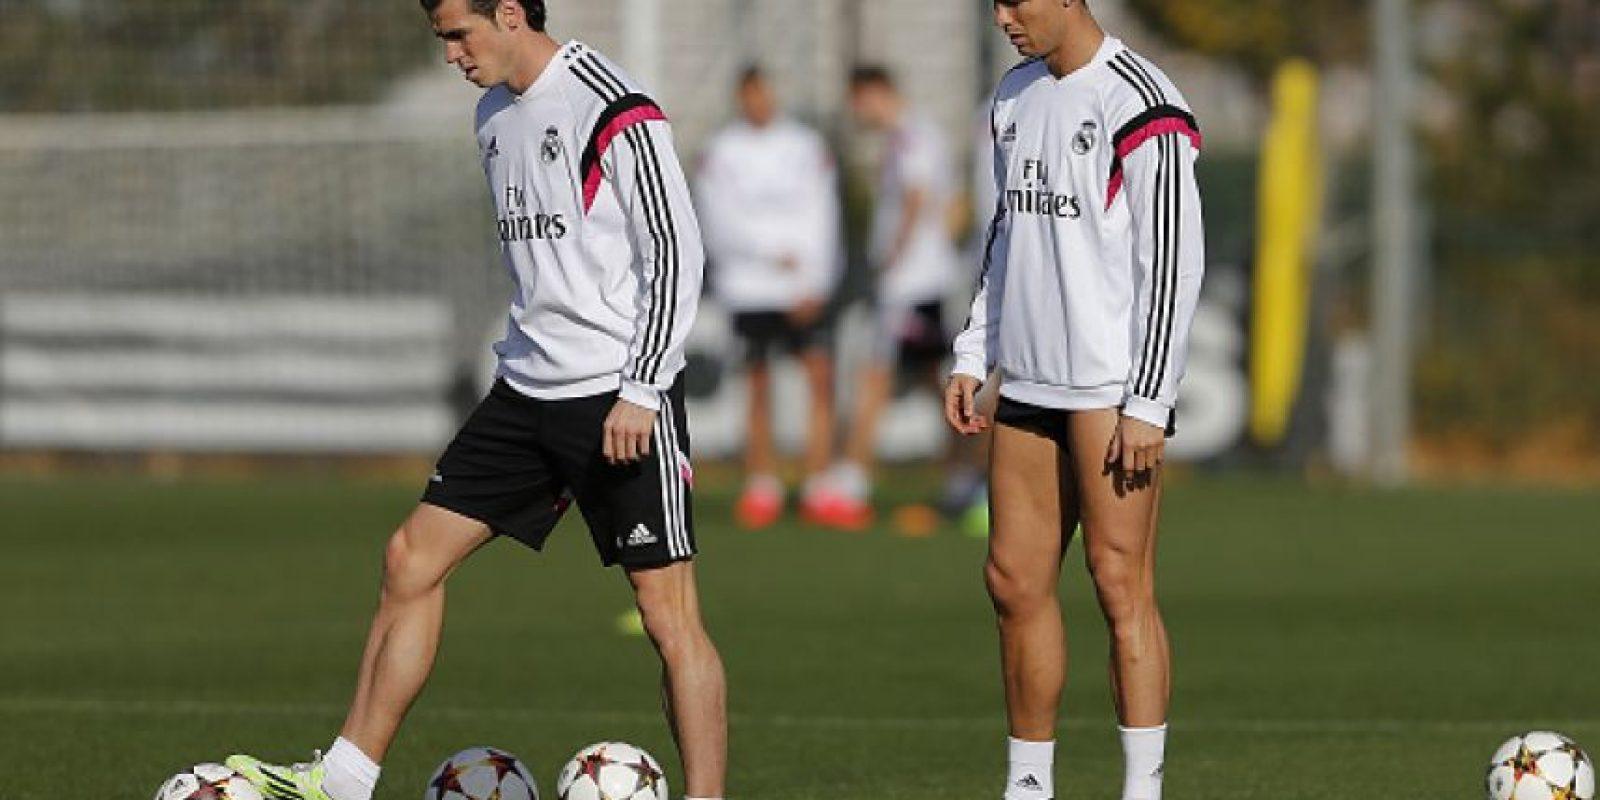 Aquí les dejamos varios momentos que dejan en evidencia la falta de conexión de ambos futbolistas. Foto:Getty Images